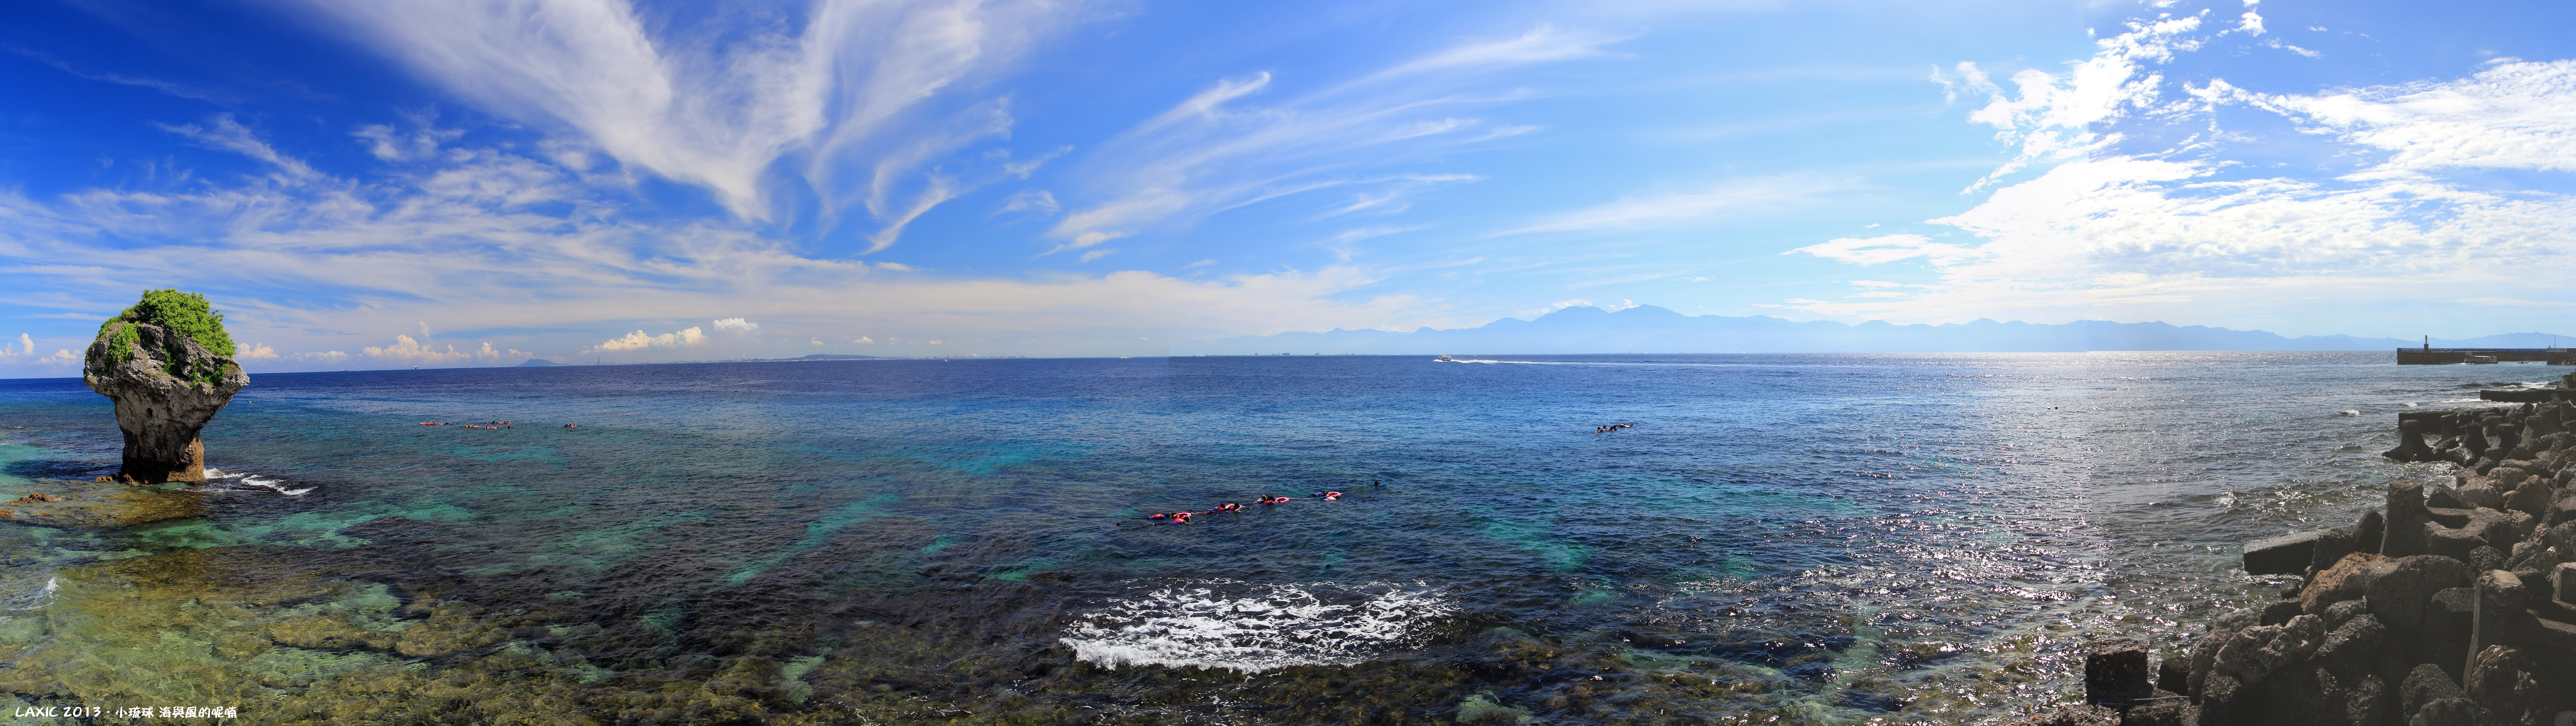 2013.07 小琉球 海與風的呢喃